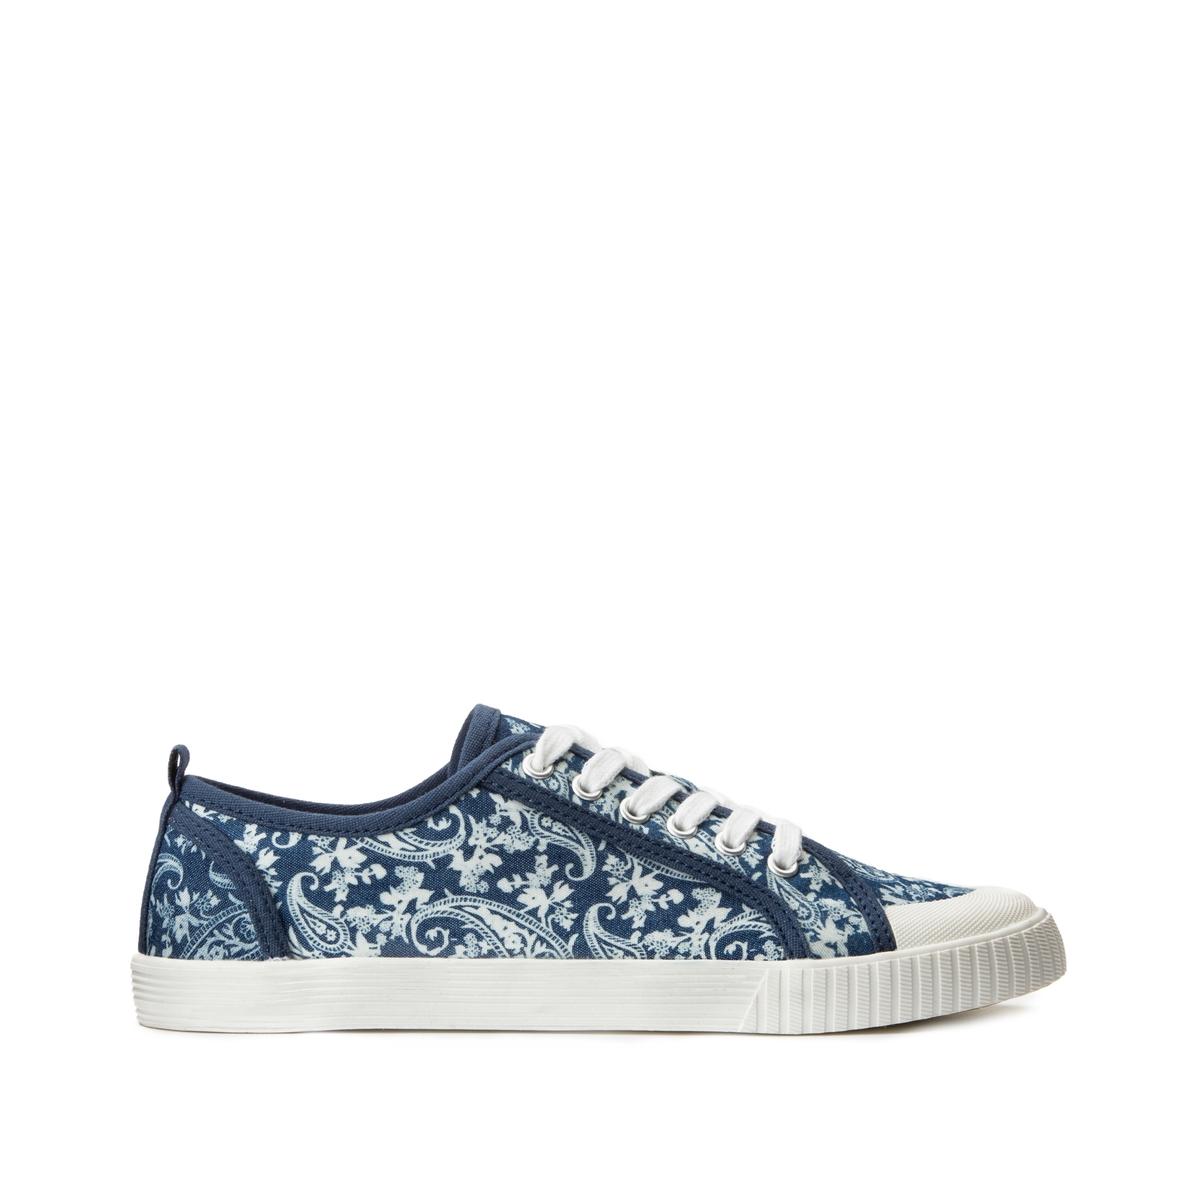 Zapatillas de lona con flores